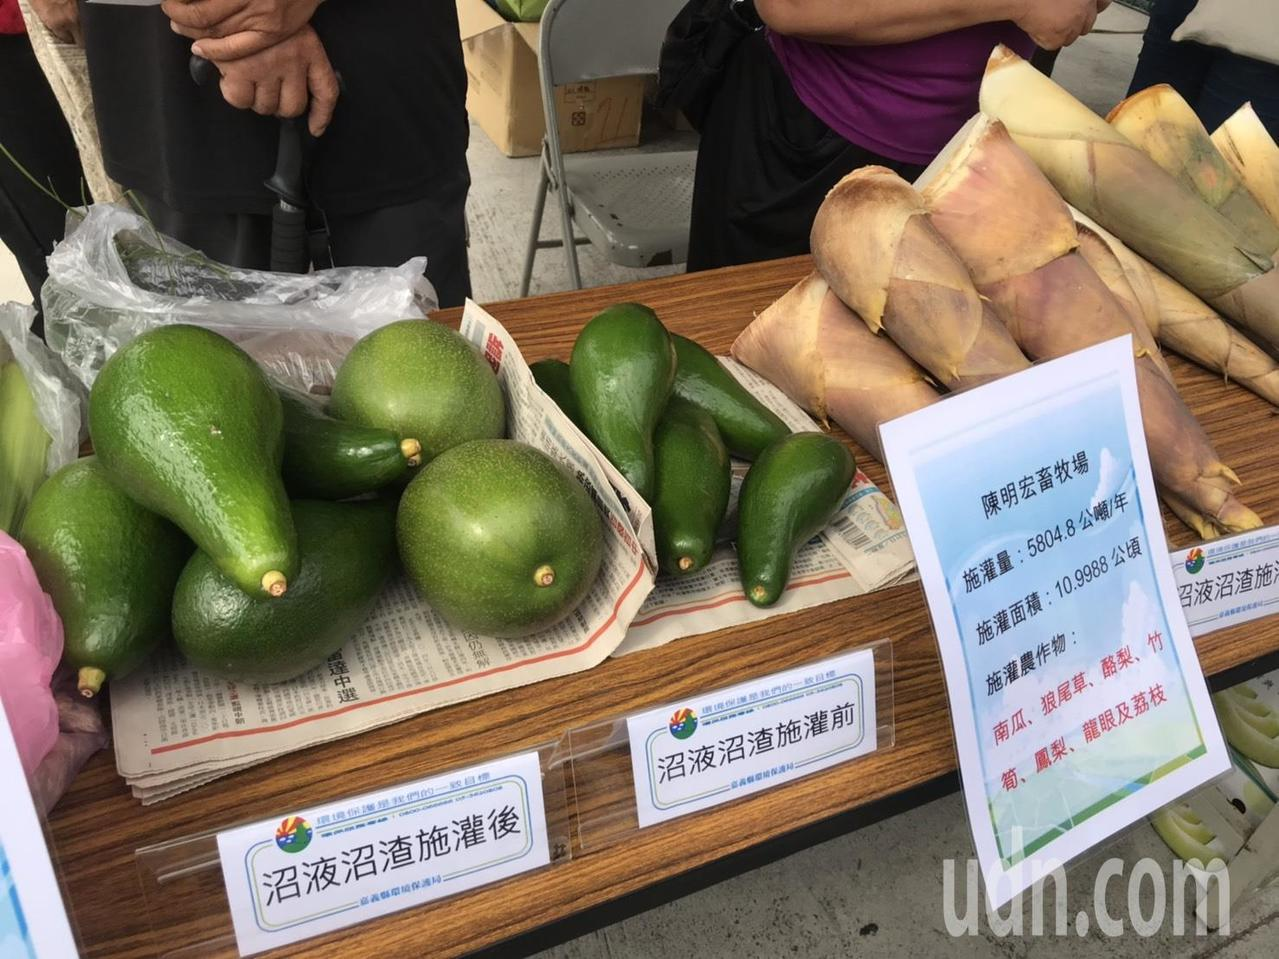 由陳明宏畜牧場所出產的酪梨,施用畜牧糞尿有機肥前後對比,產出的果實大小差異明顯。...